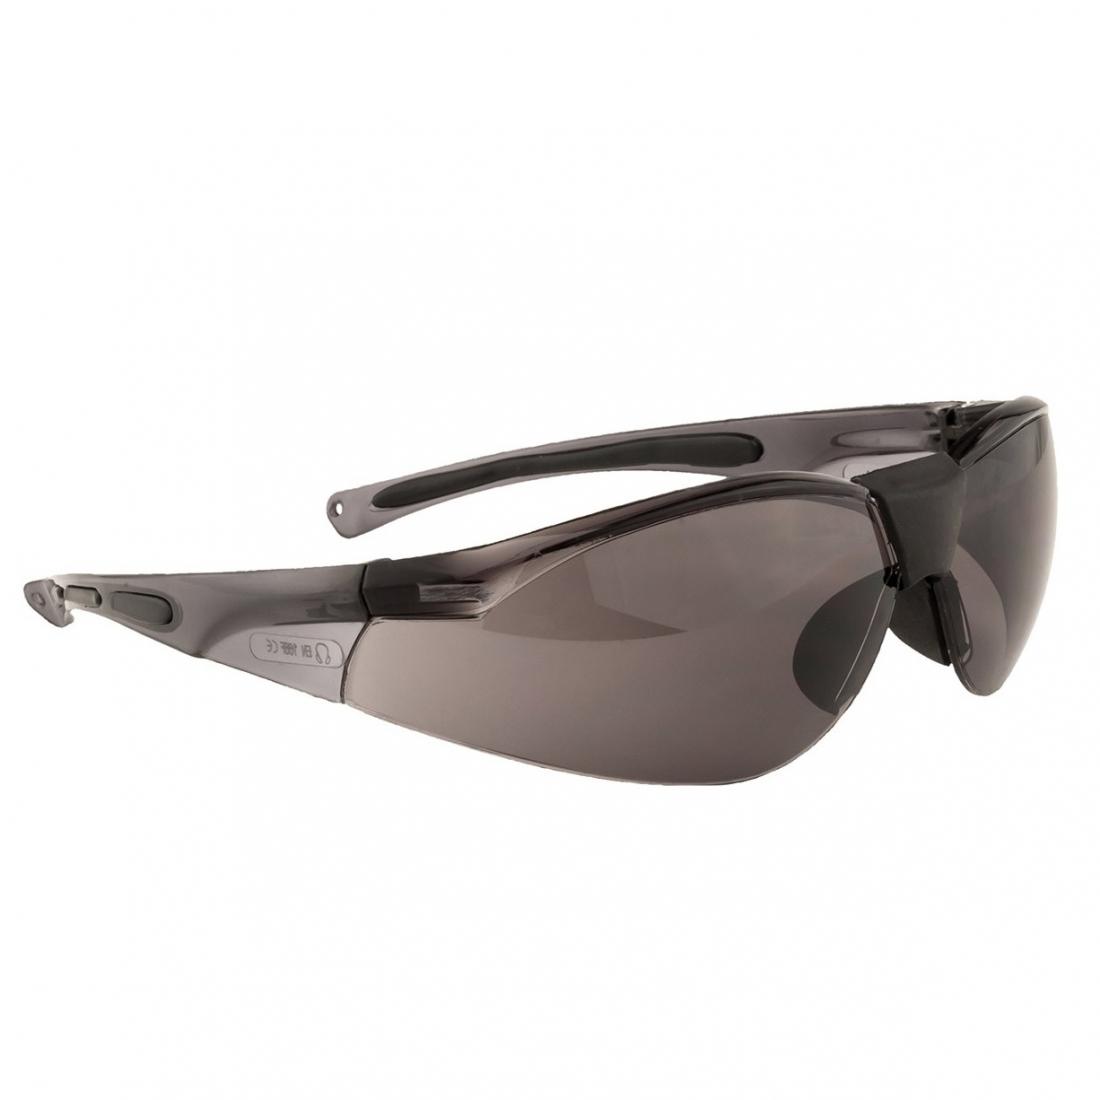 Szemüveg Uvex T 8147 átlátszó